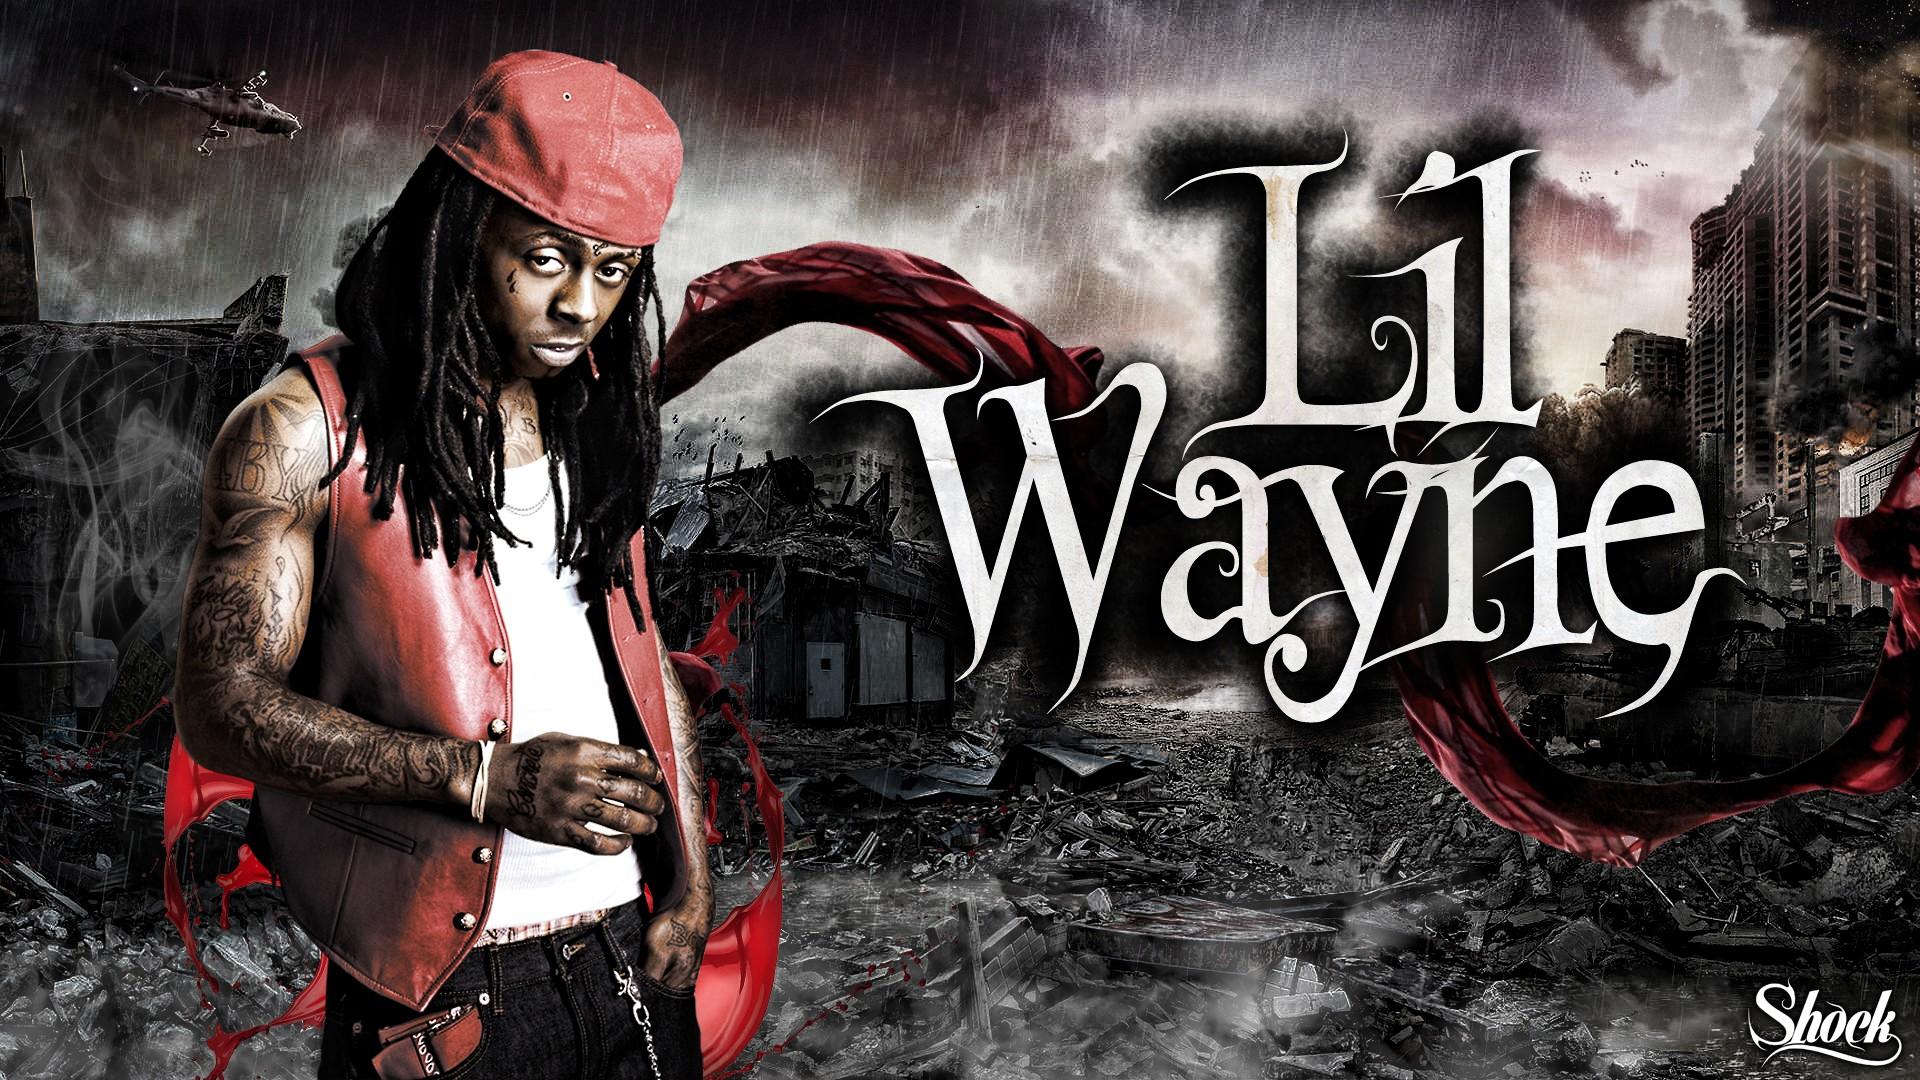 Lil Wayne Wallpaper 2015 1920x1080